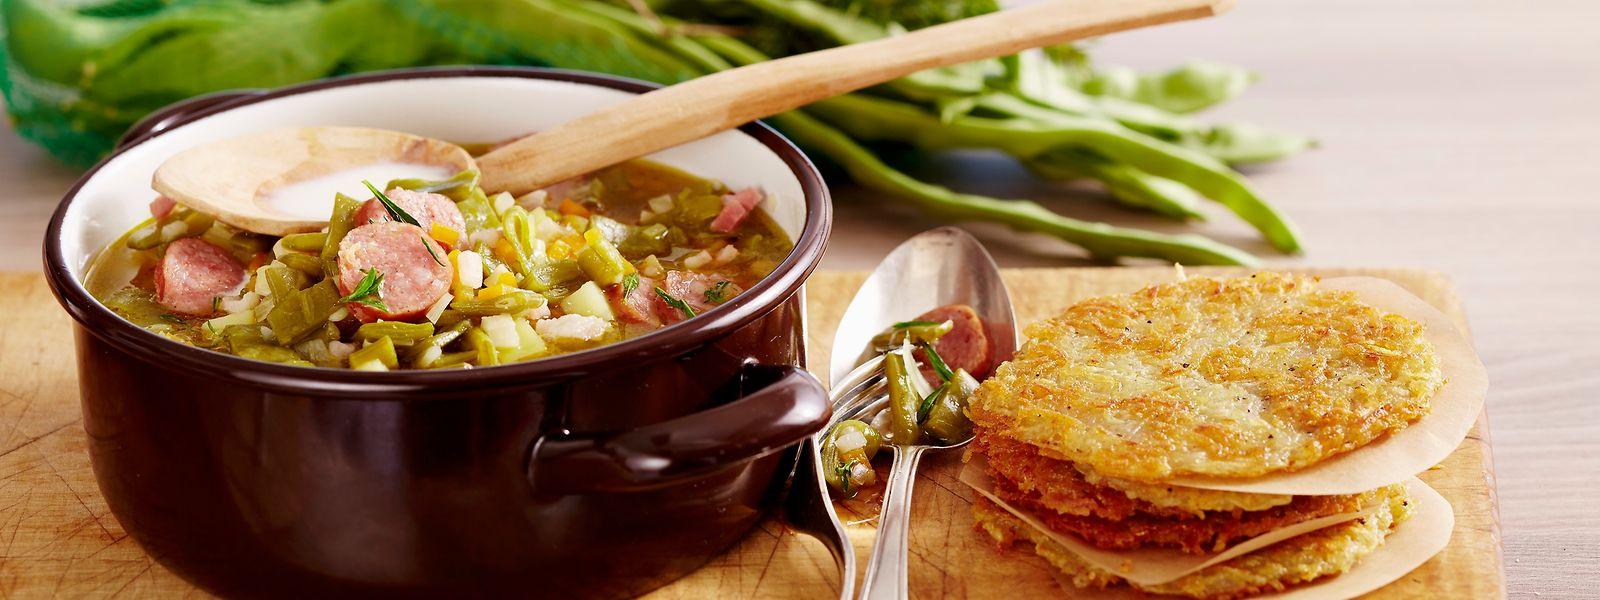 Egal ob mit der ganzen Familie, dem Partner, Freunden – das gemeinsame Kochen fördert den sozialen Austausch und macht nebenbei auch Spaß.